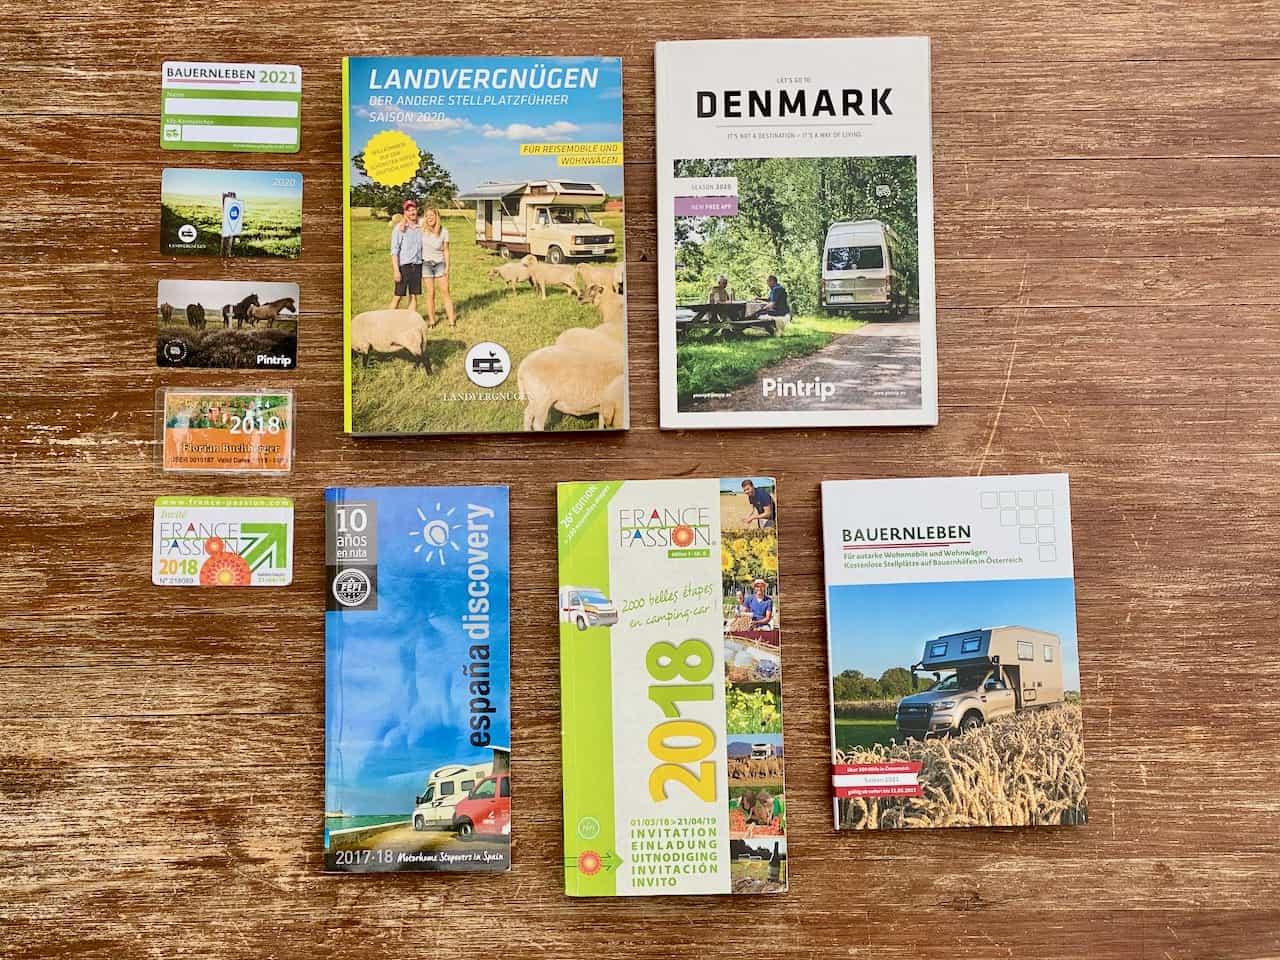 Etappenführer-Landvergnügen-Bauernleben-France-Passion-Printrip-Espana-Discovery-Greenstop24